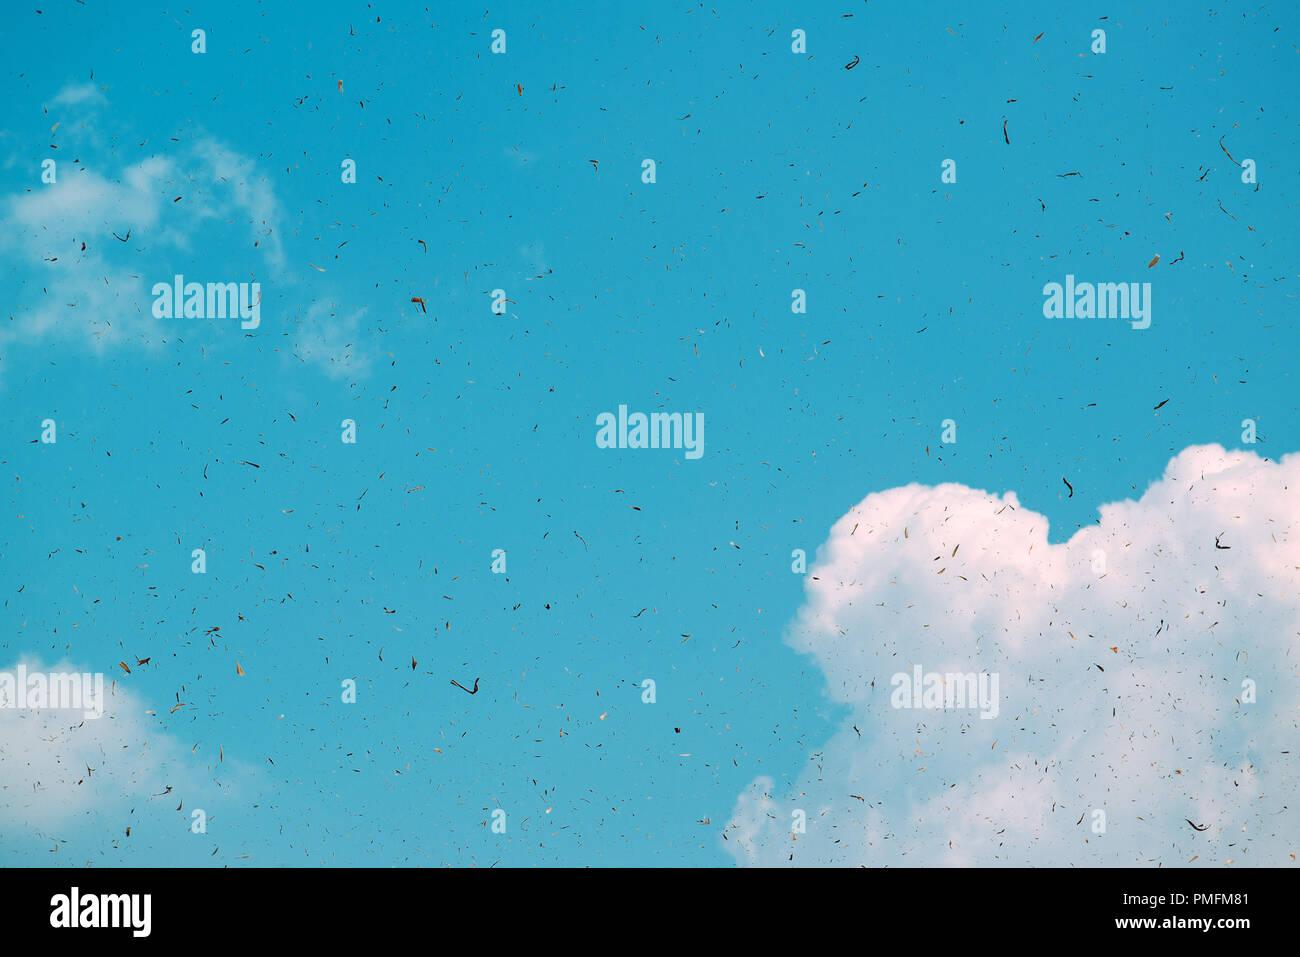 La poussière et les particules de saleté dans l'air comme grunge background Photo Stock